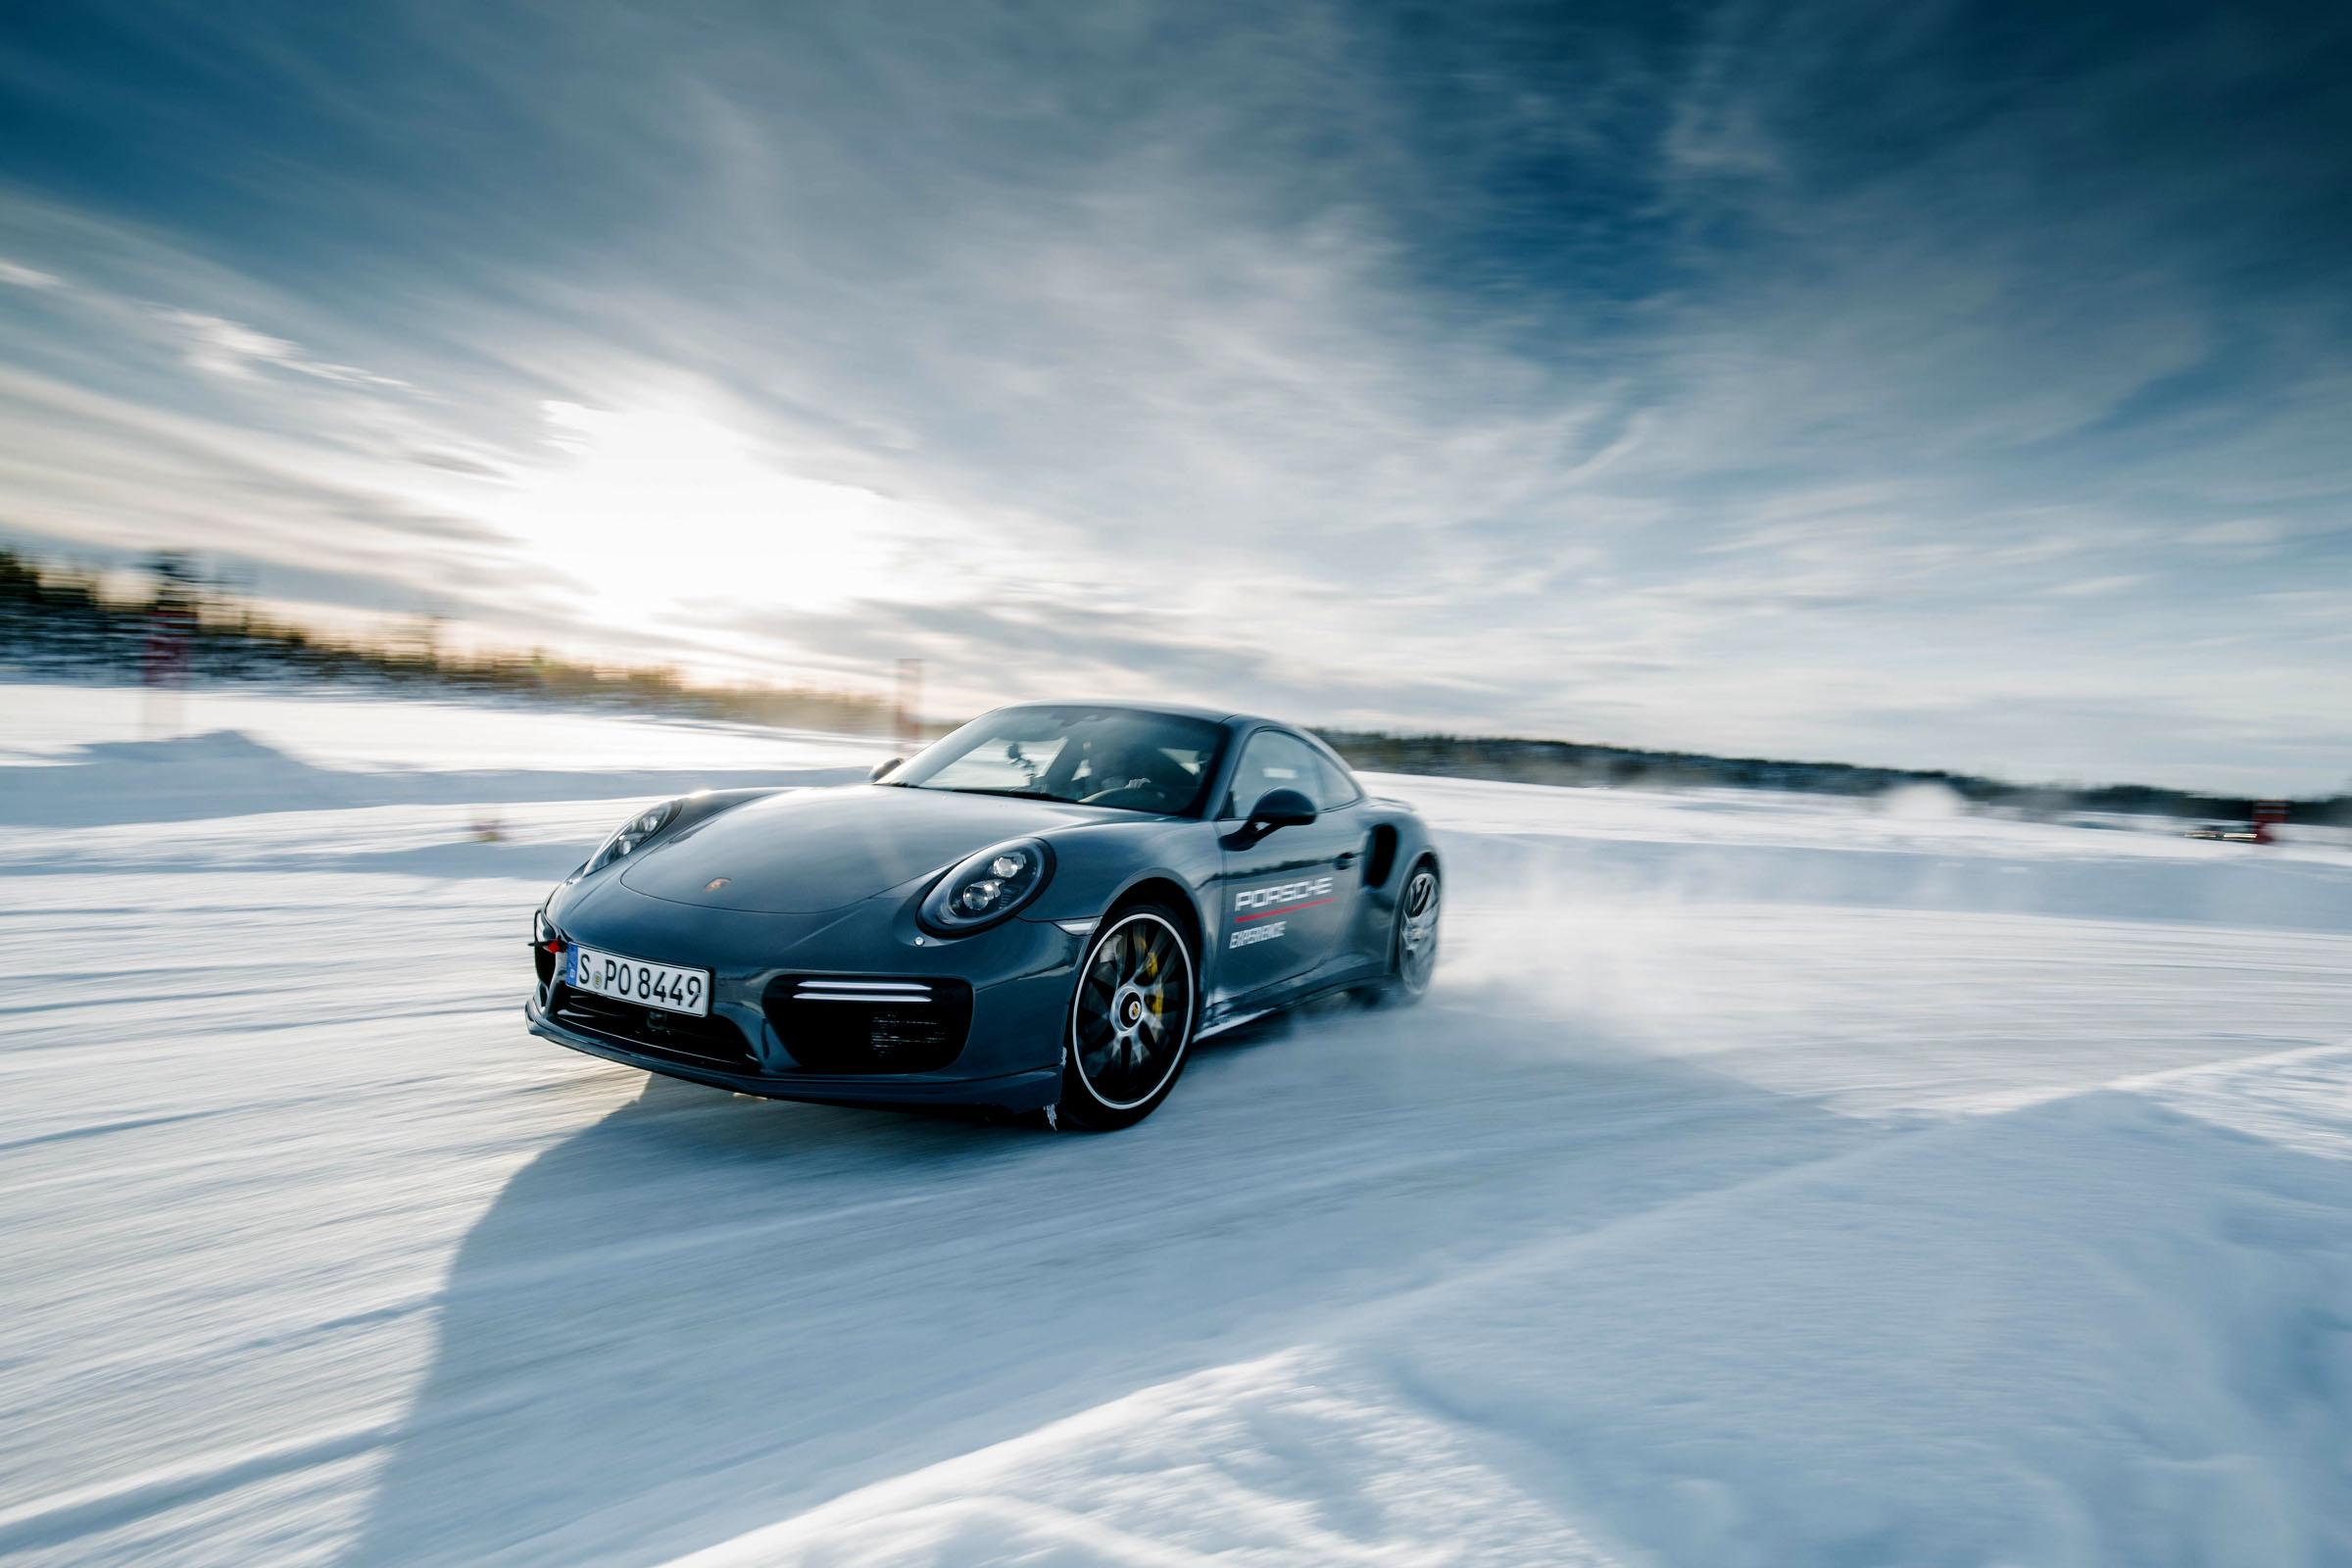 30 Jahre Allrad bei Porsche und noch lange kein Ende Die nächste Evolutionsstufe des Porsche Traction Management wird voraussichtlich im neuen Mission E